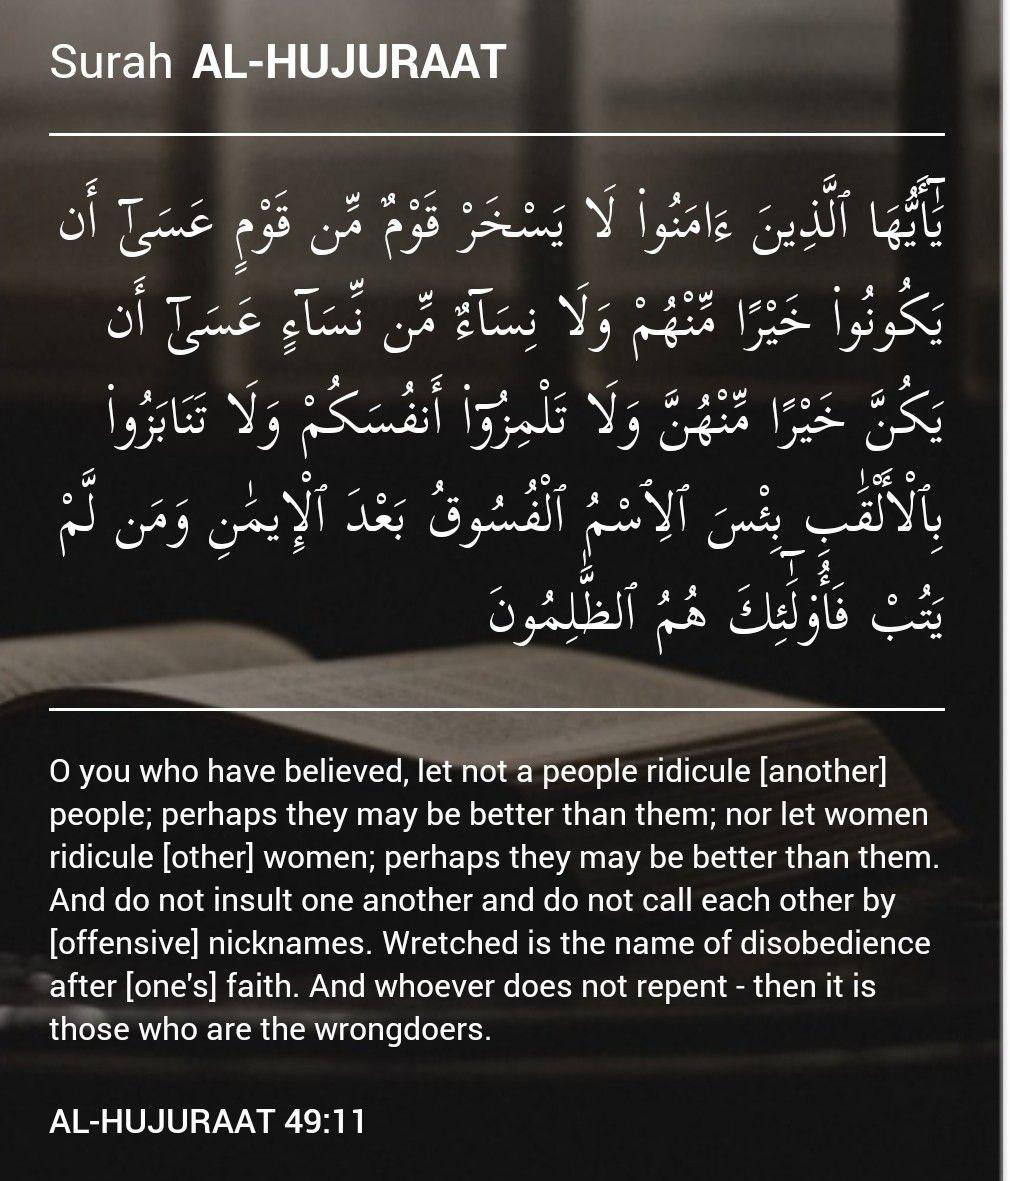 Pin By The Noble Quran On Allah God Islam Heaven Quran Miracles Prophets Islamic Posts Hadith Prayer Macca Makhah Salah Reminder Jannah Hijab Islamic Quotes Quran Islam Quran